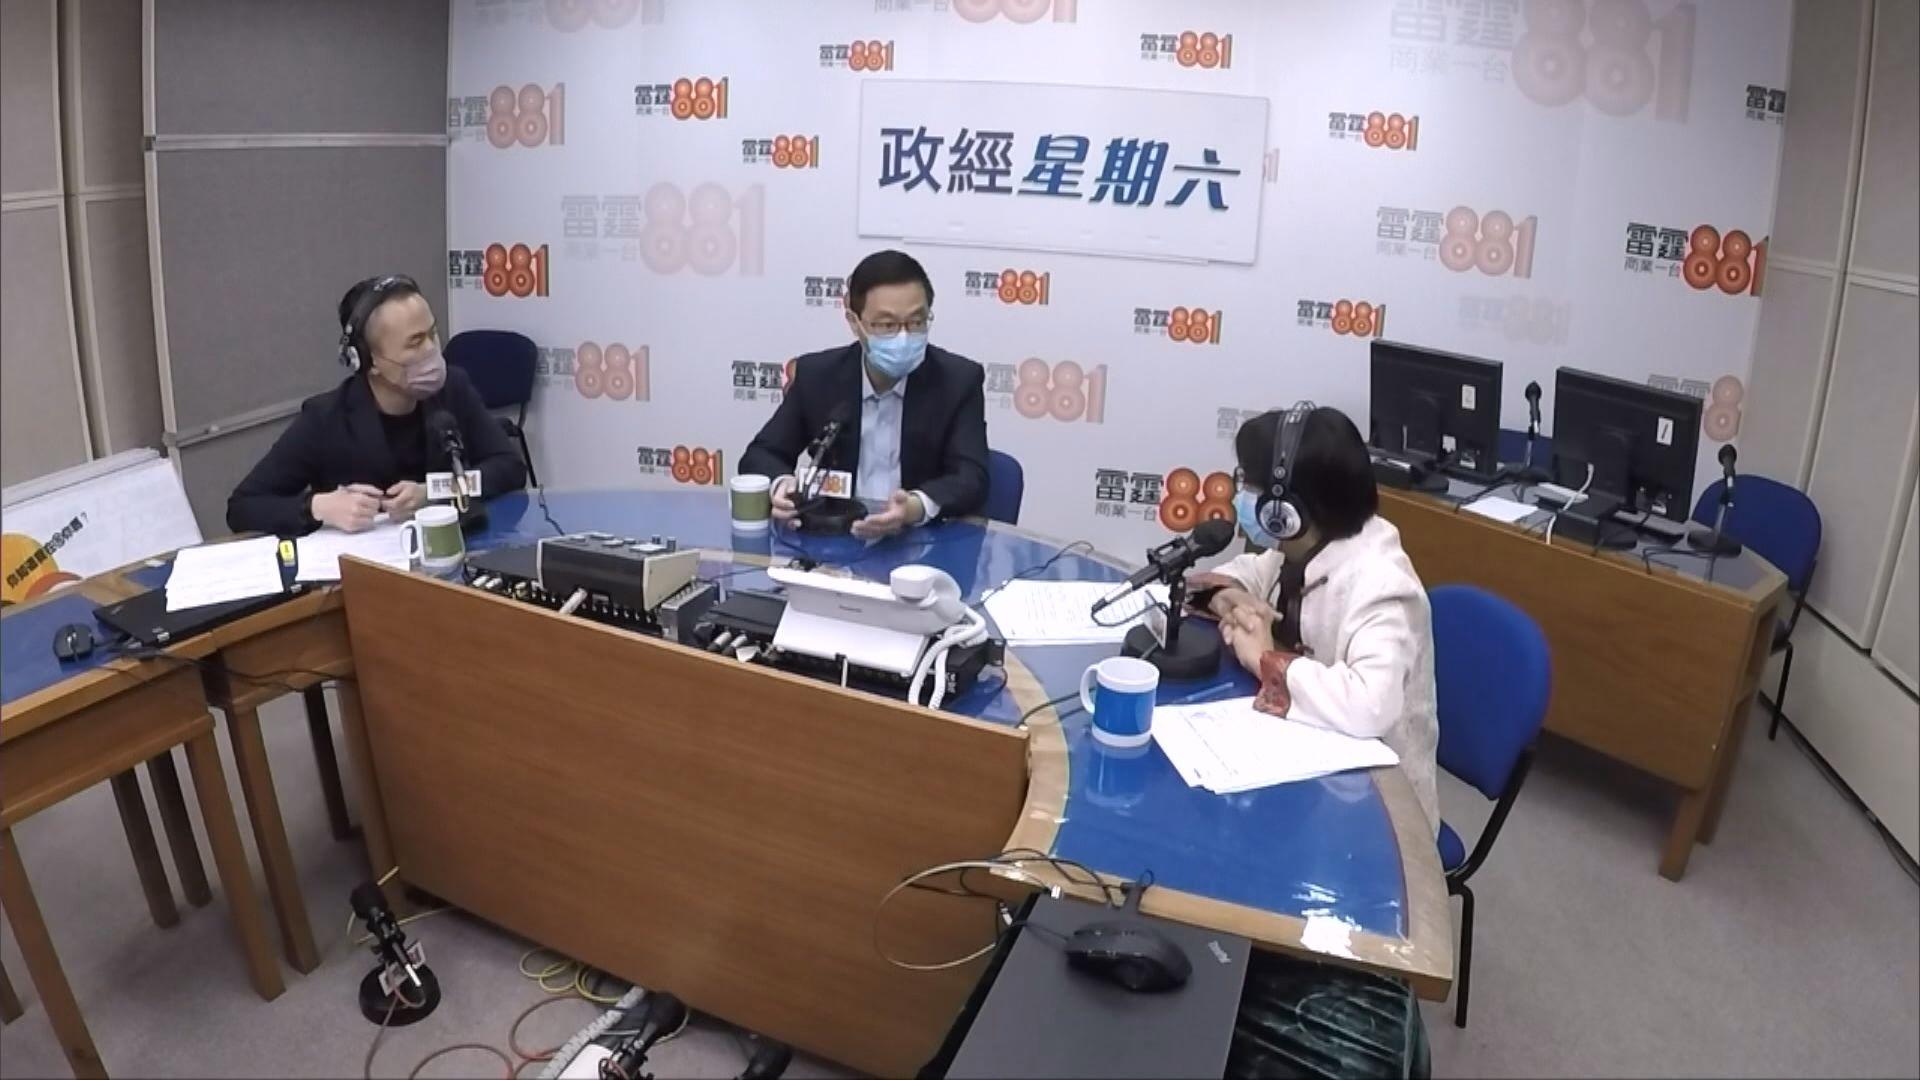 楊潤雄:目前已有200間中學恢復全日面授課